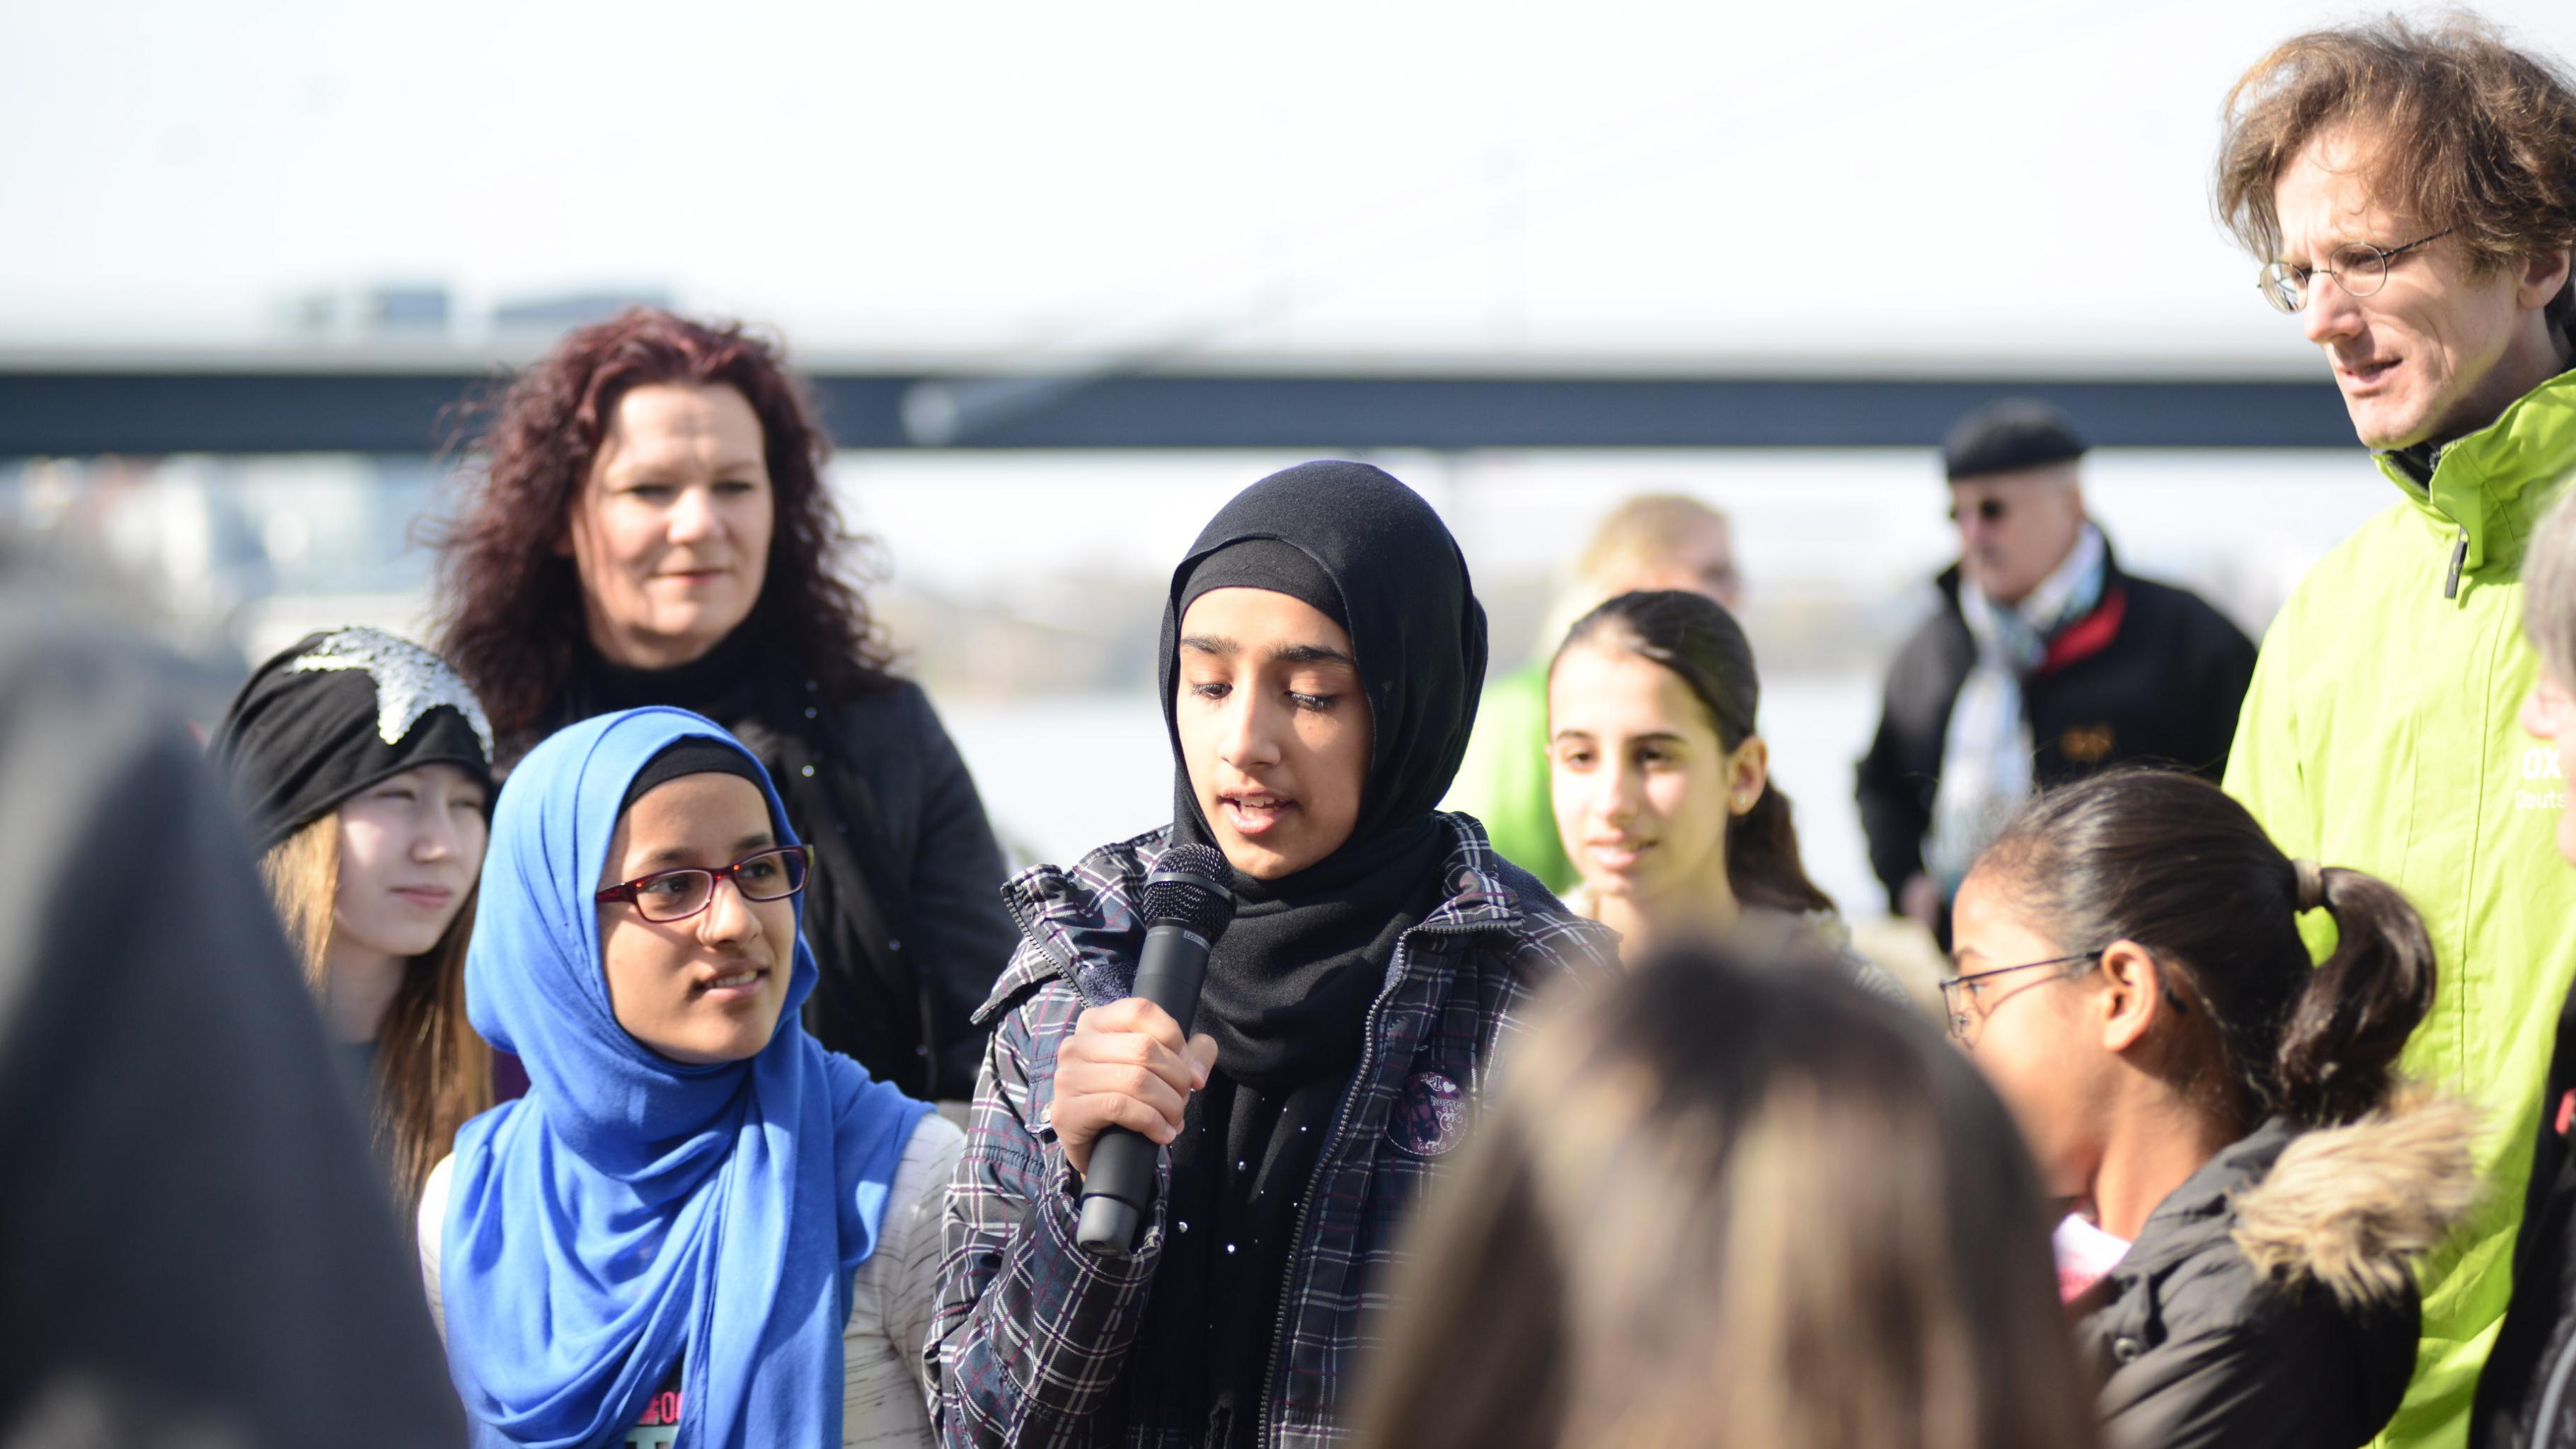 Ein Mädchen spricht ins Mikrofon